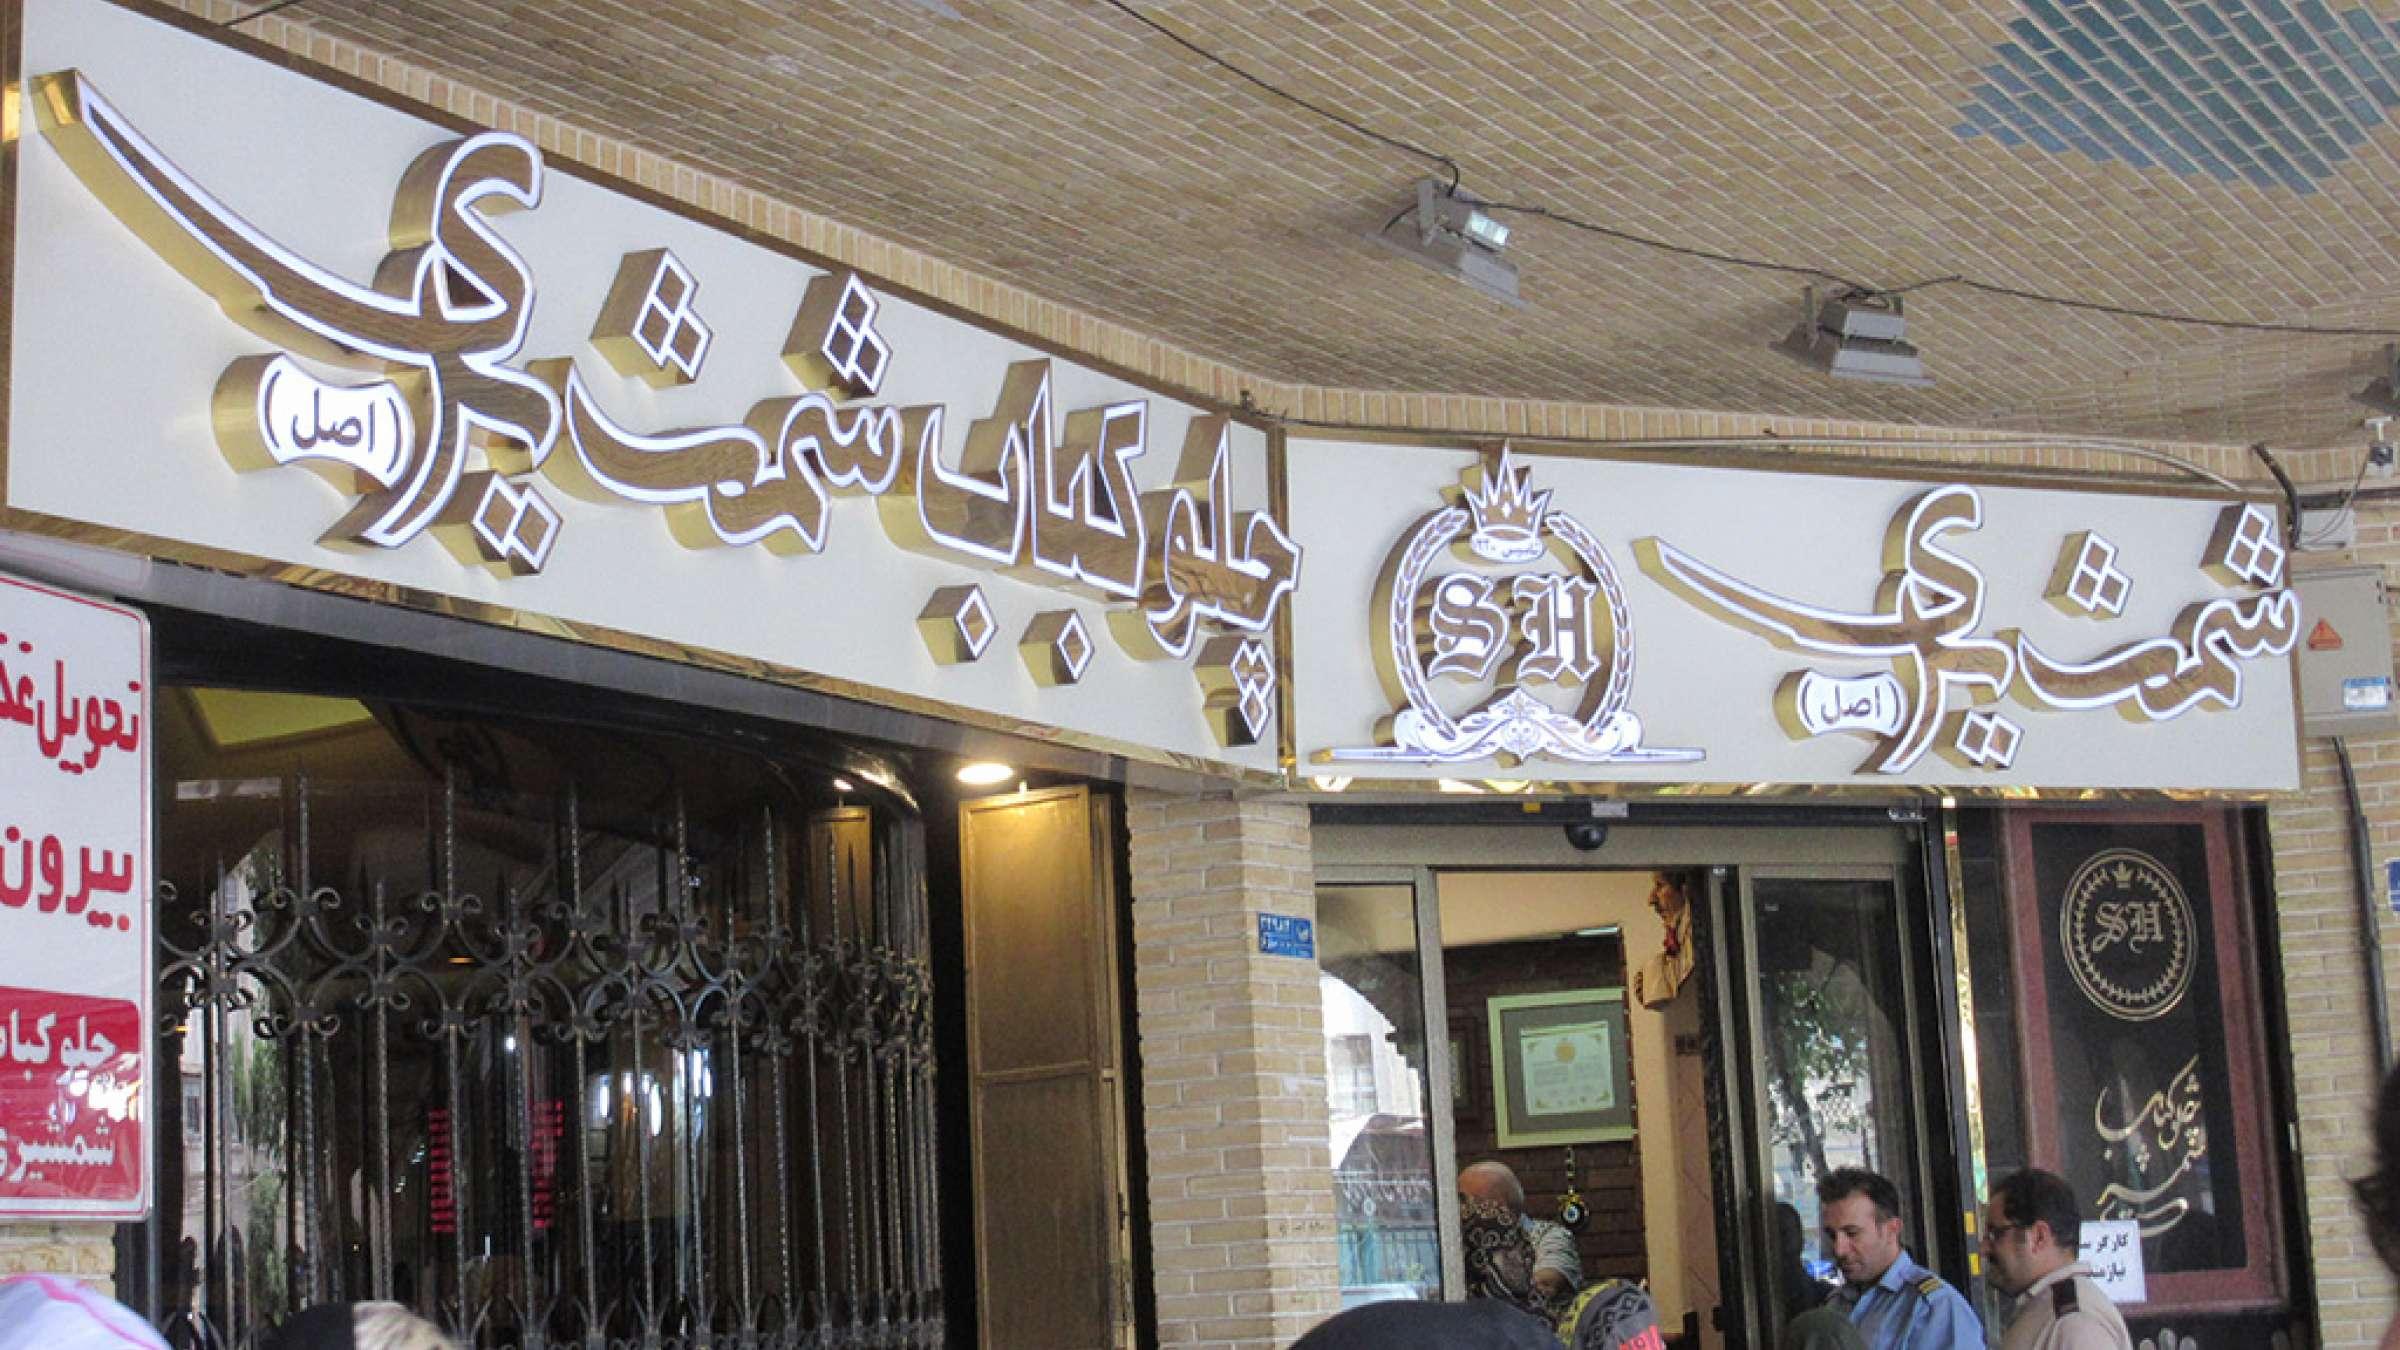 ادبیات-گلمحمدی-با-من-به-بازار-تهران-بیایید-چلوکباب-شمشیری